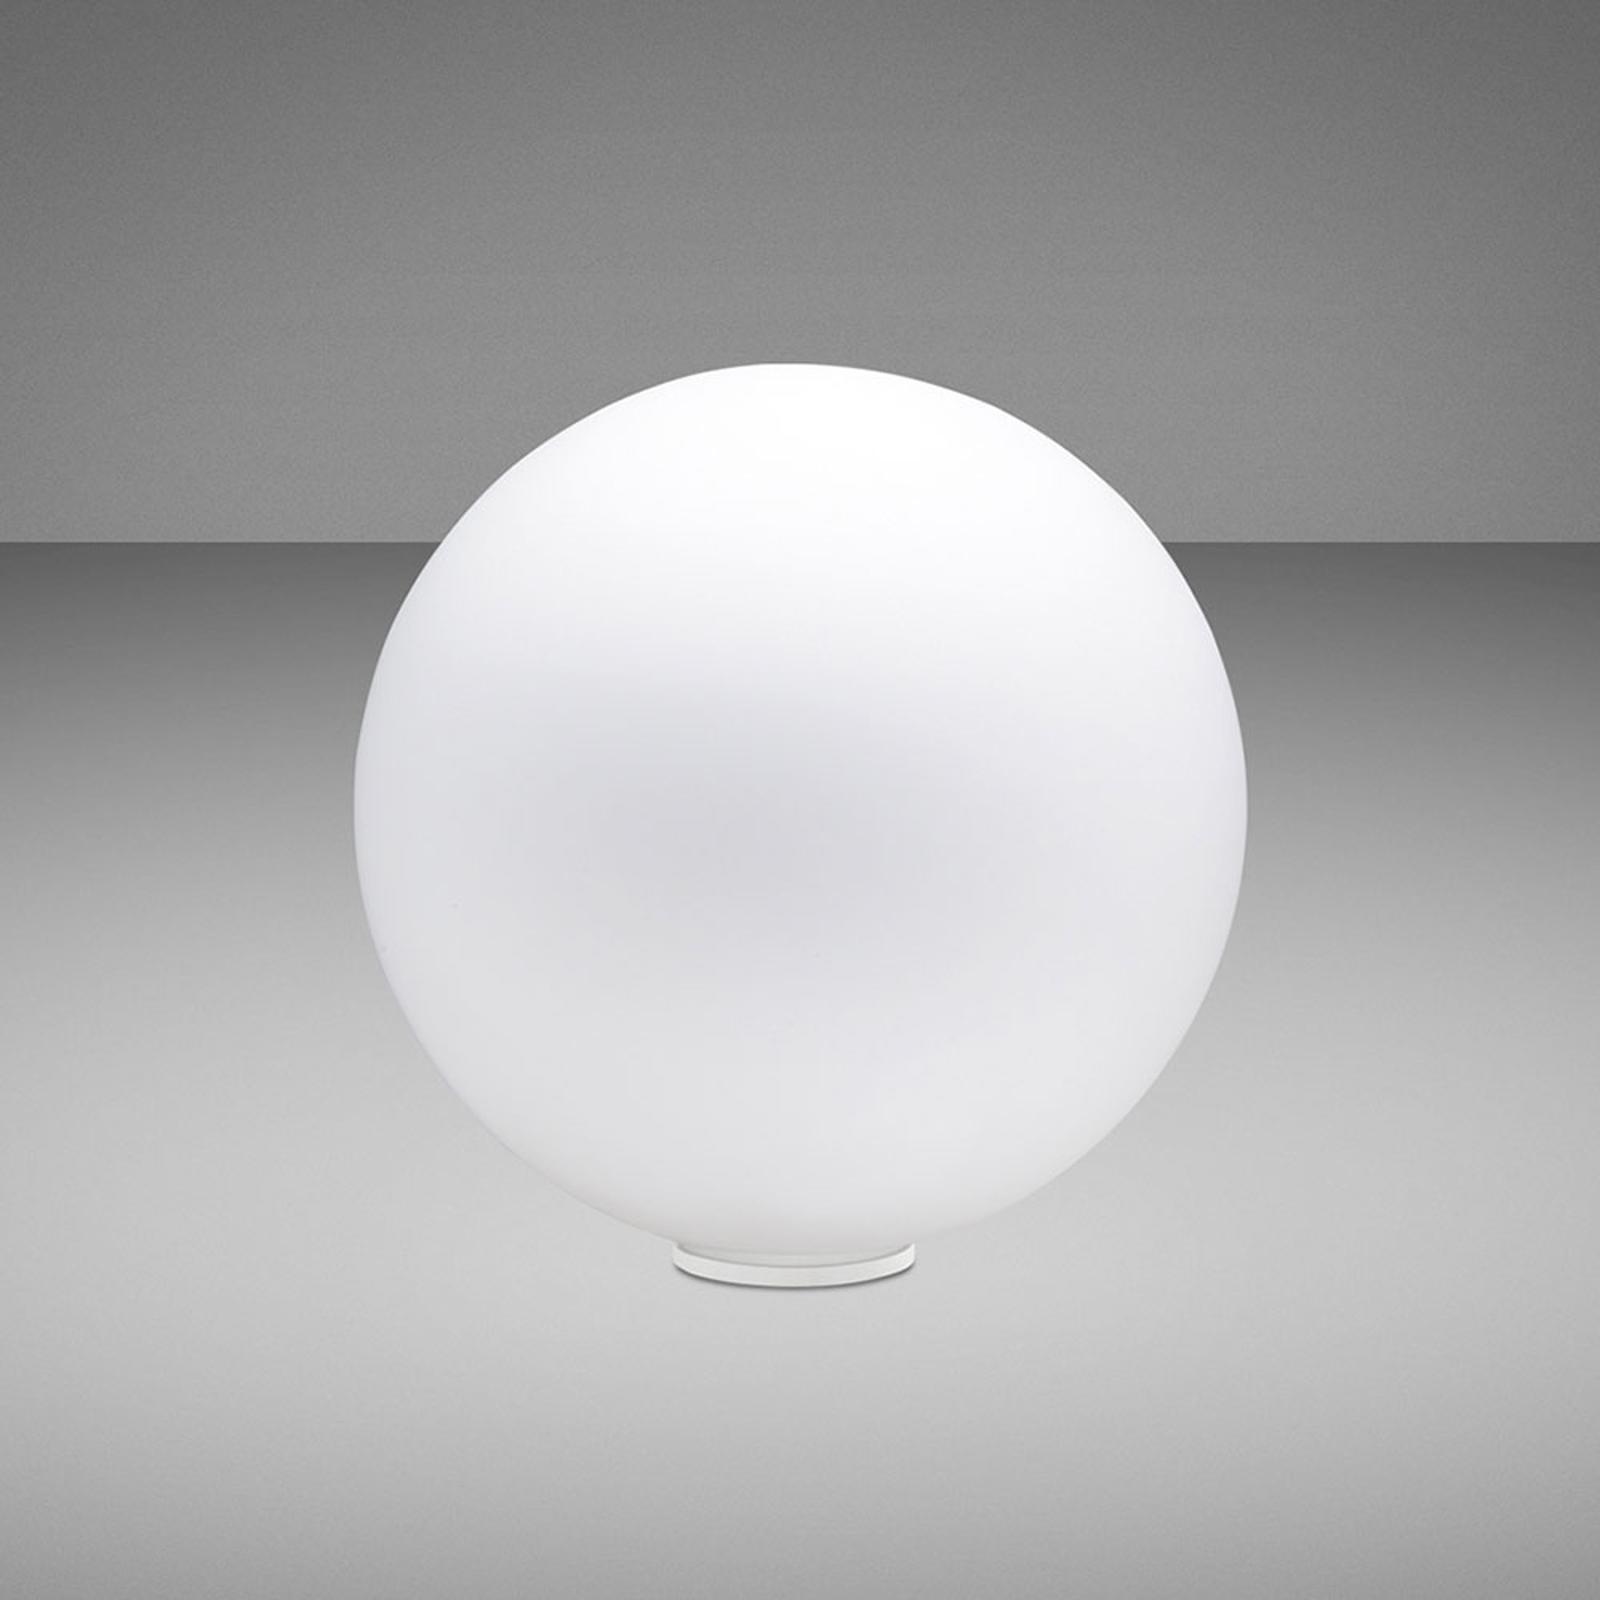 Fabbian Lumi Sfera lampa stołowa, leżąca, Ø 20 cm